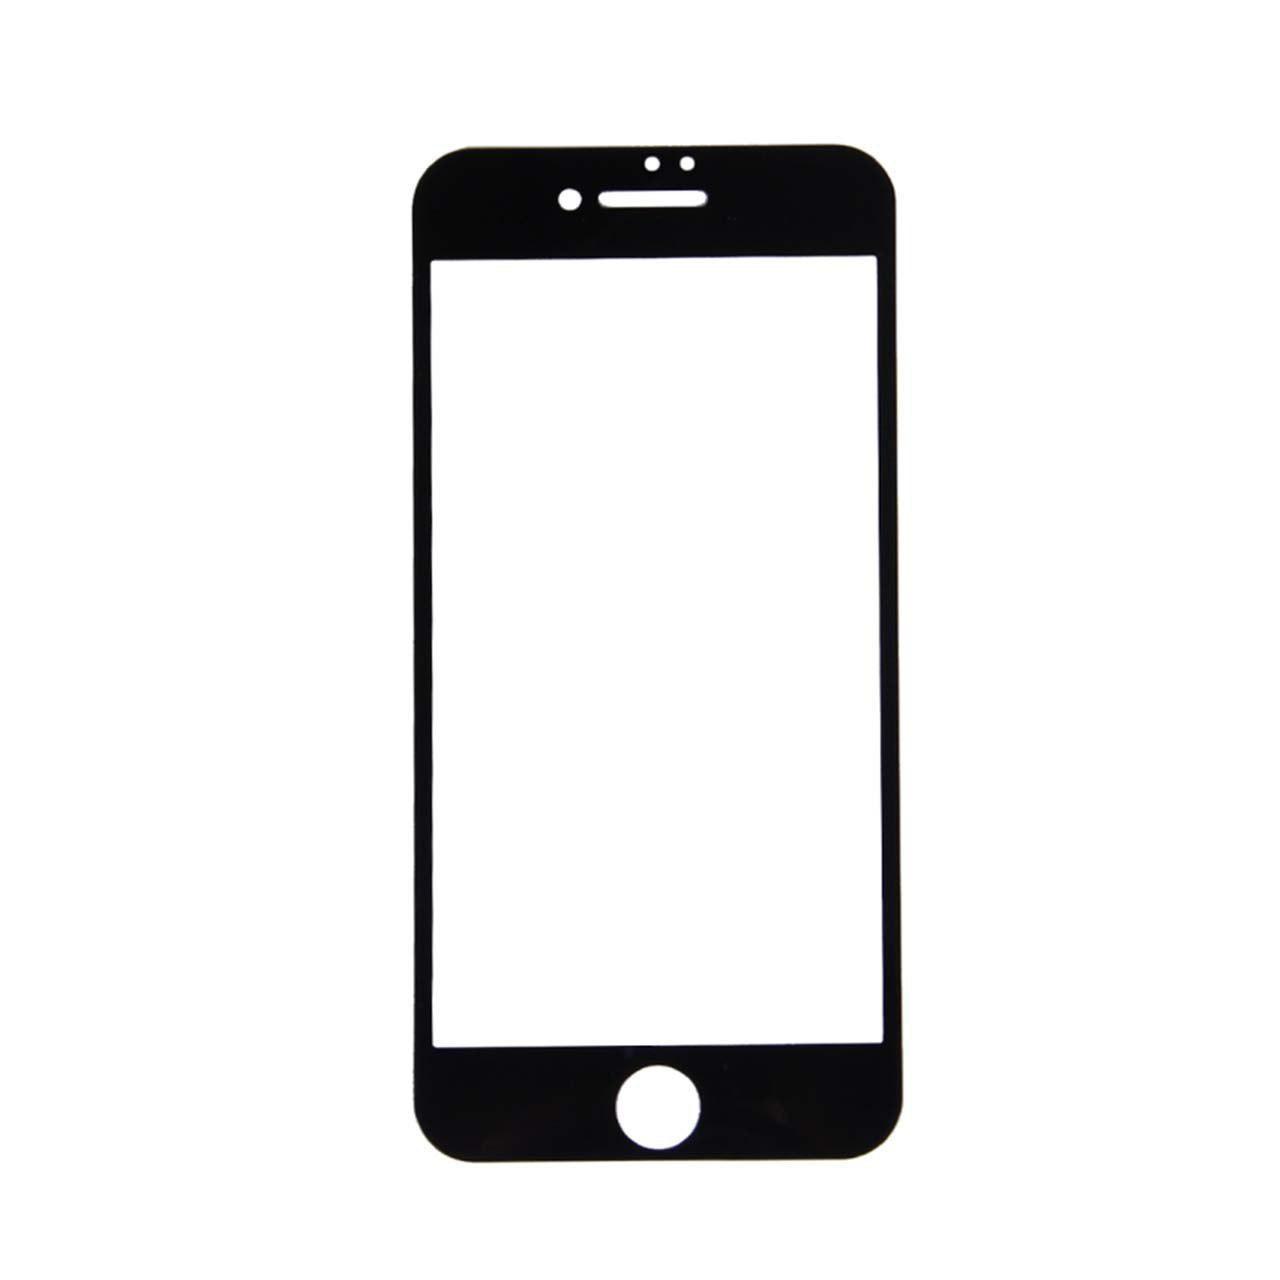 محافظ صفحه نمایش شیشه ای مناسب برای گوشی موبایل iPhone 7 plus/8 plus